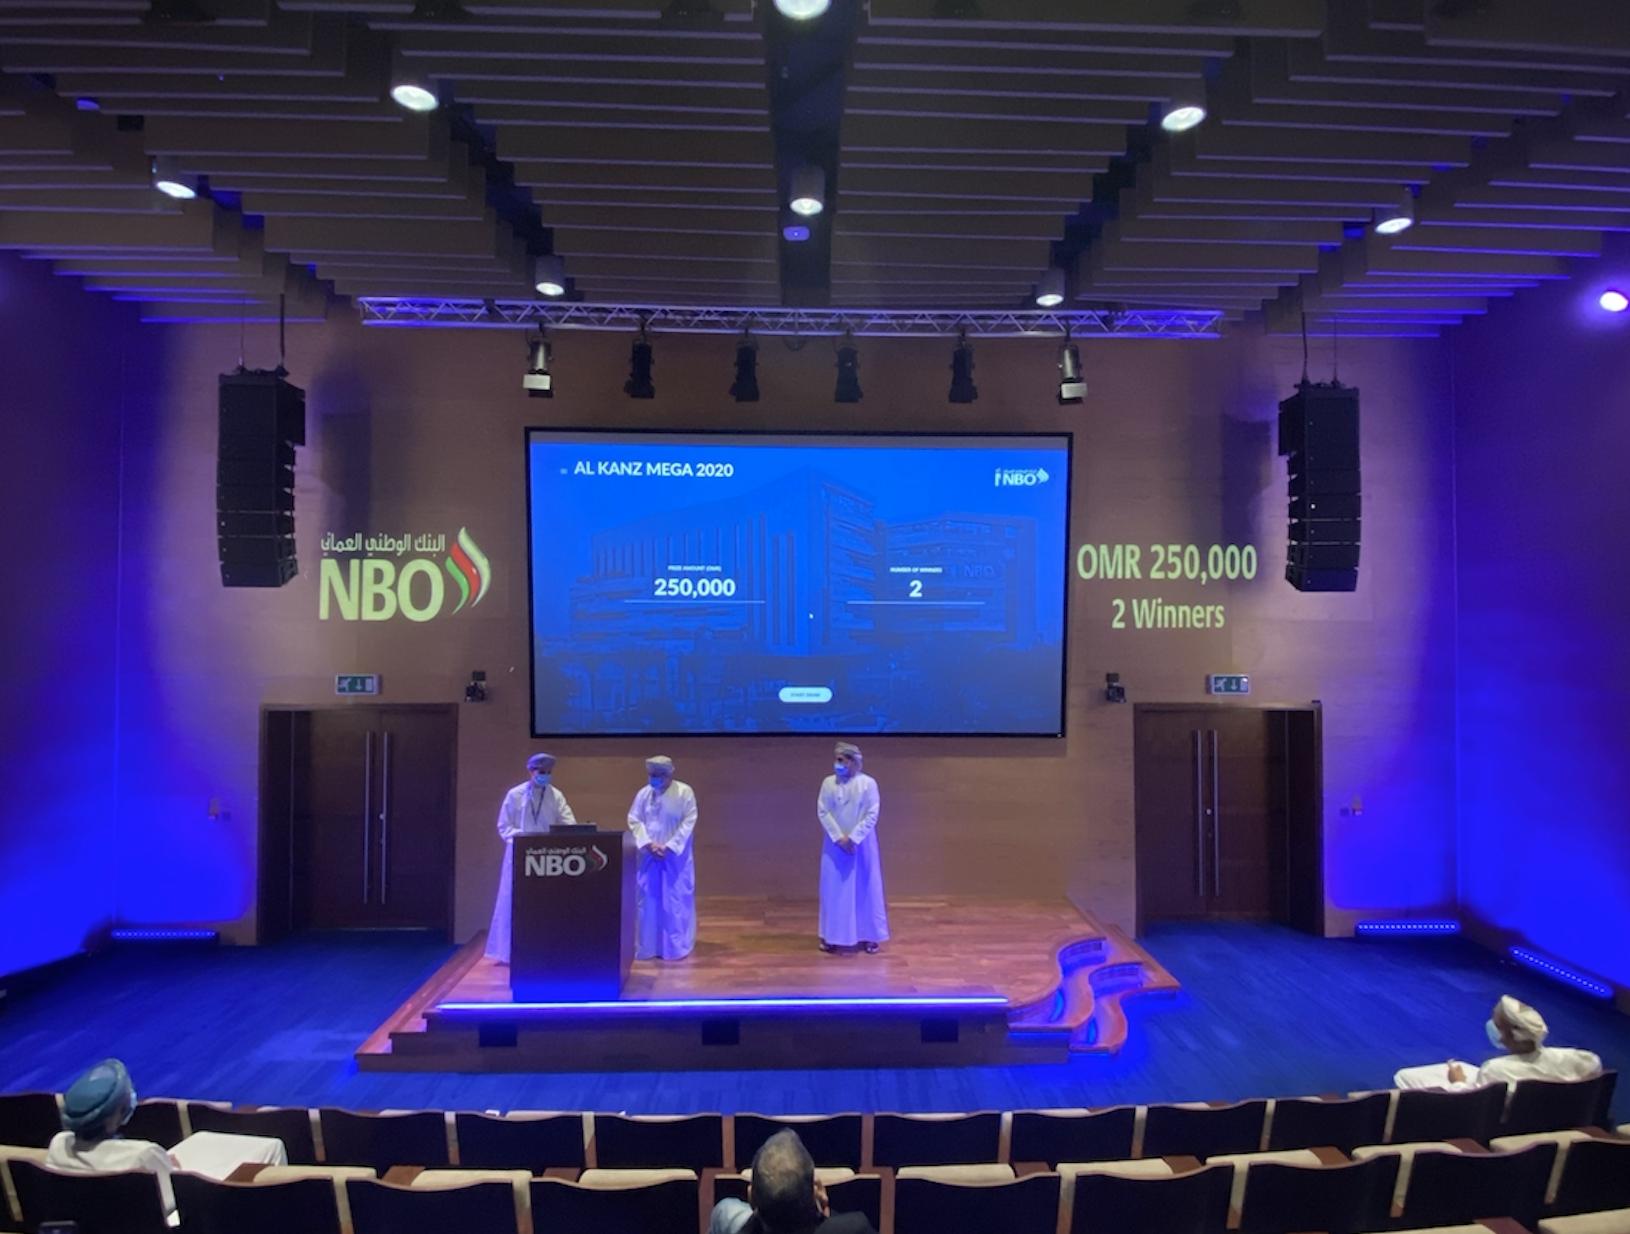 زبائن البنك الوطني العماني يحصلون على 565,000 ريال